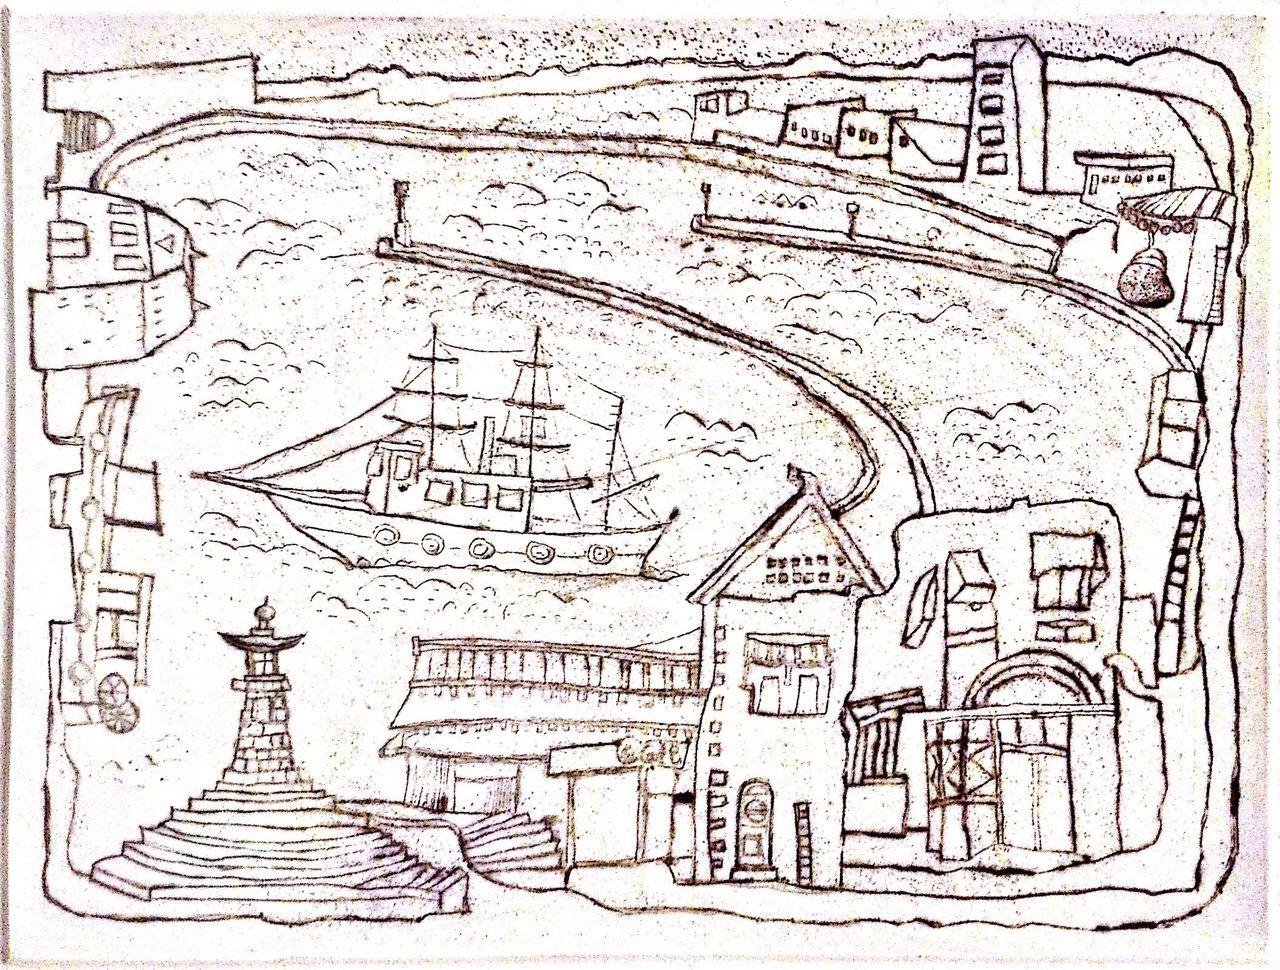 銅版画《F市の街》 制作その2